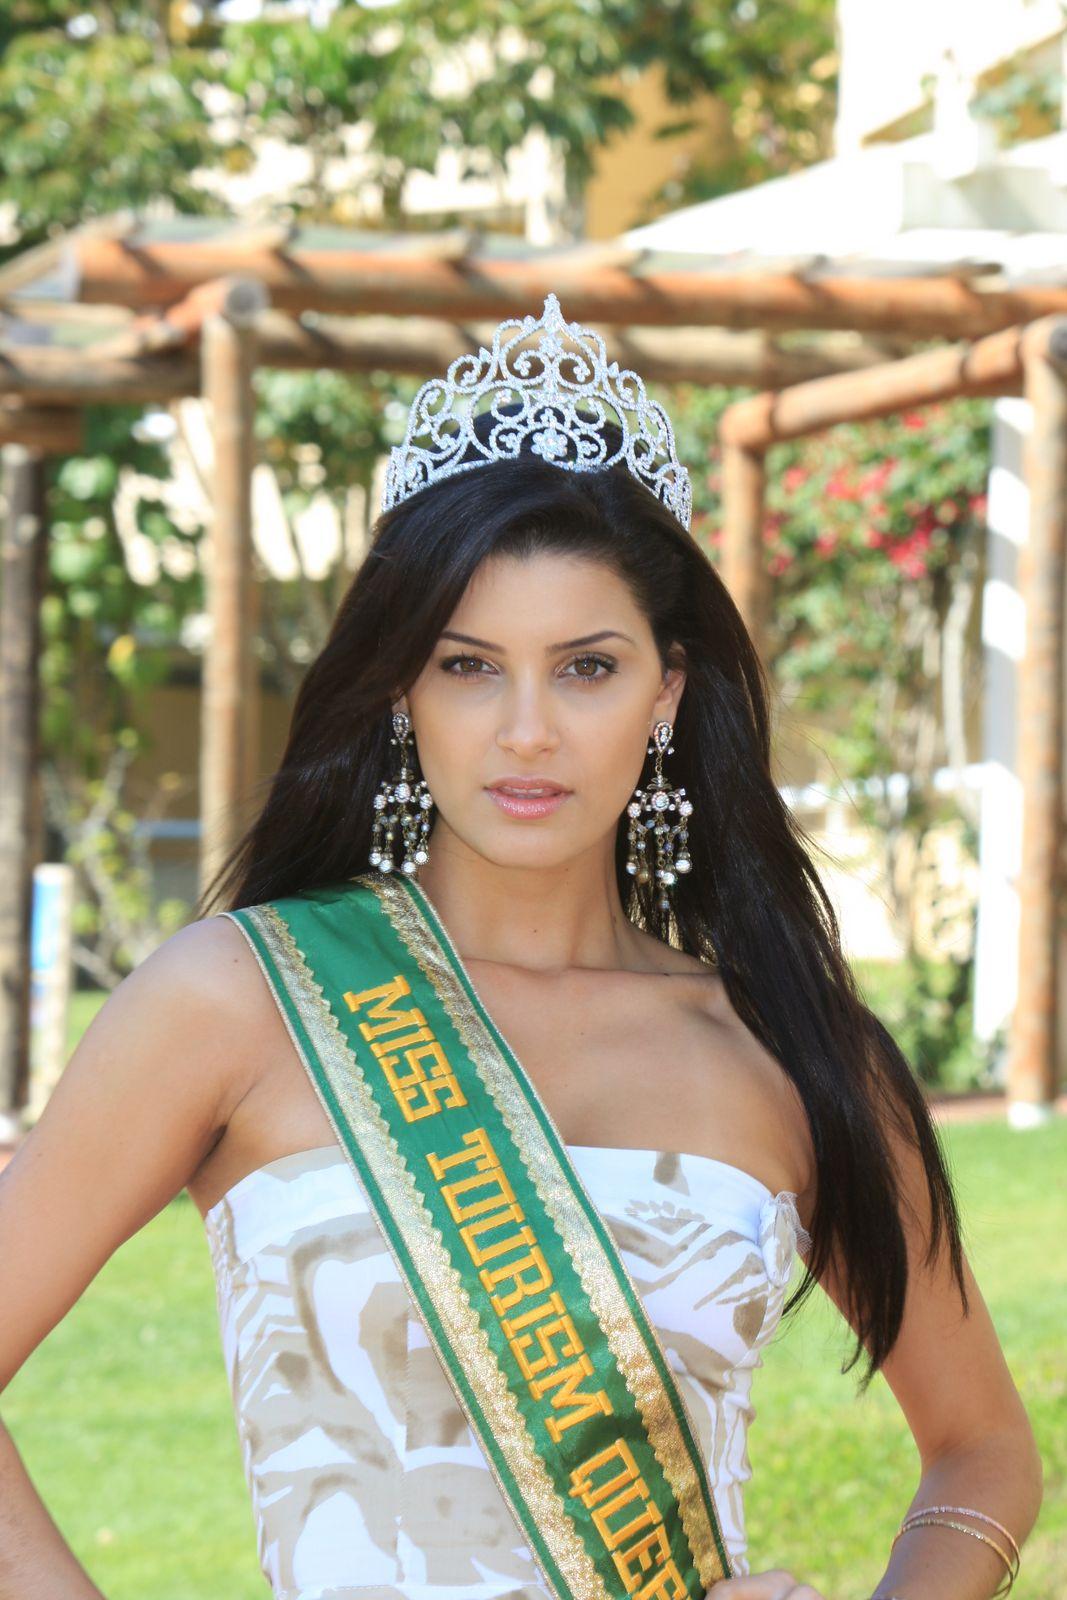 vivian noronha, rainha hispanoamericana 2008. suplente. - Página 4 9632lsdi